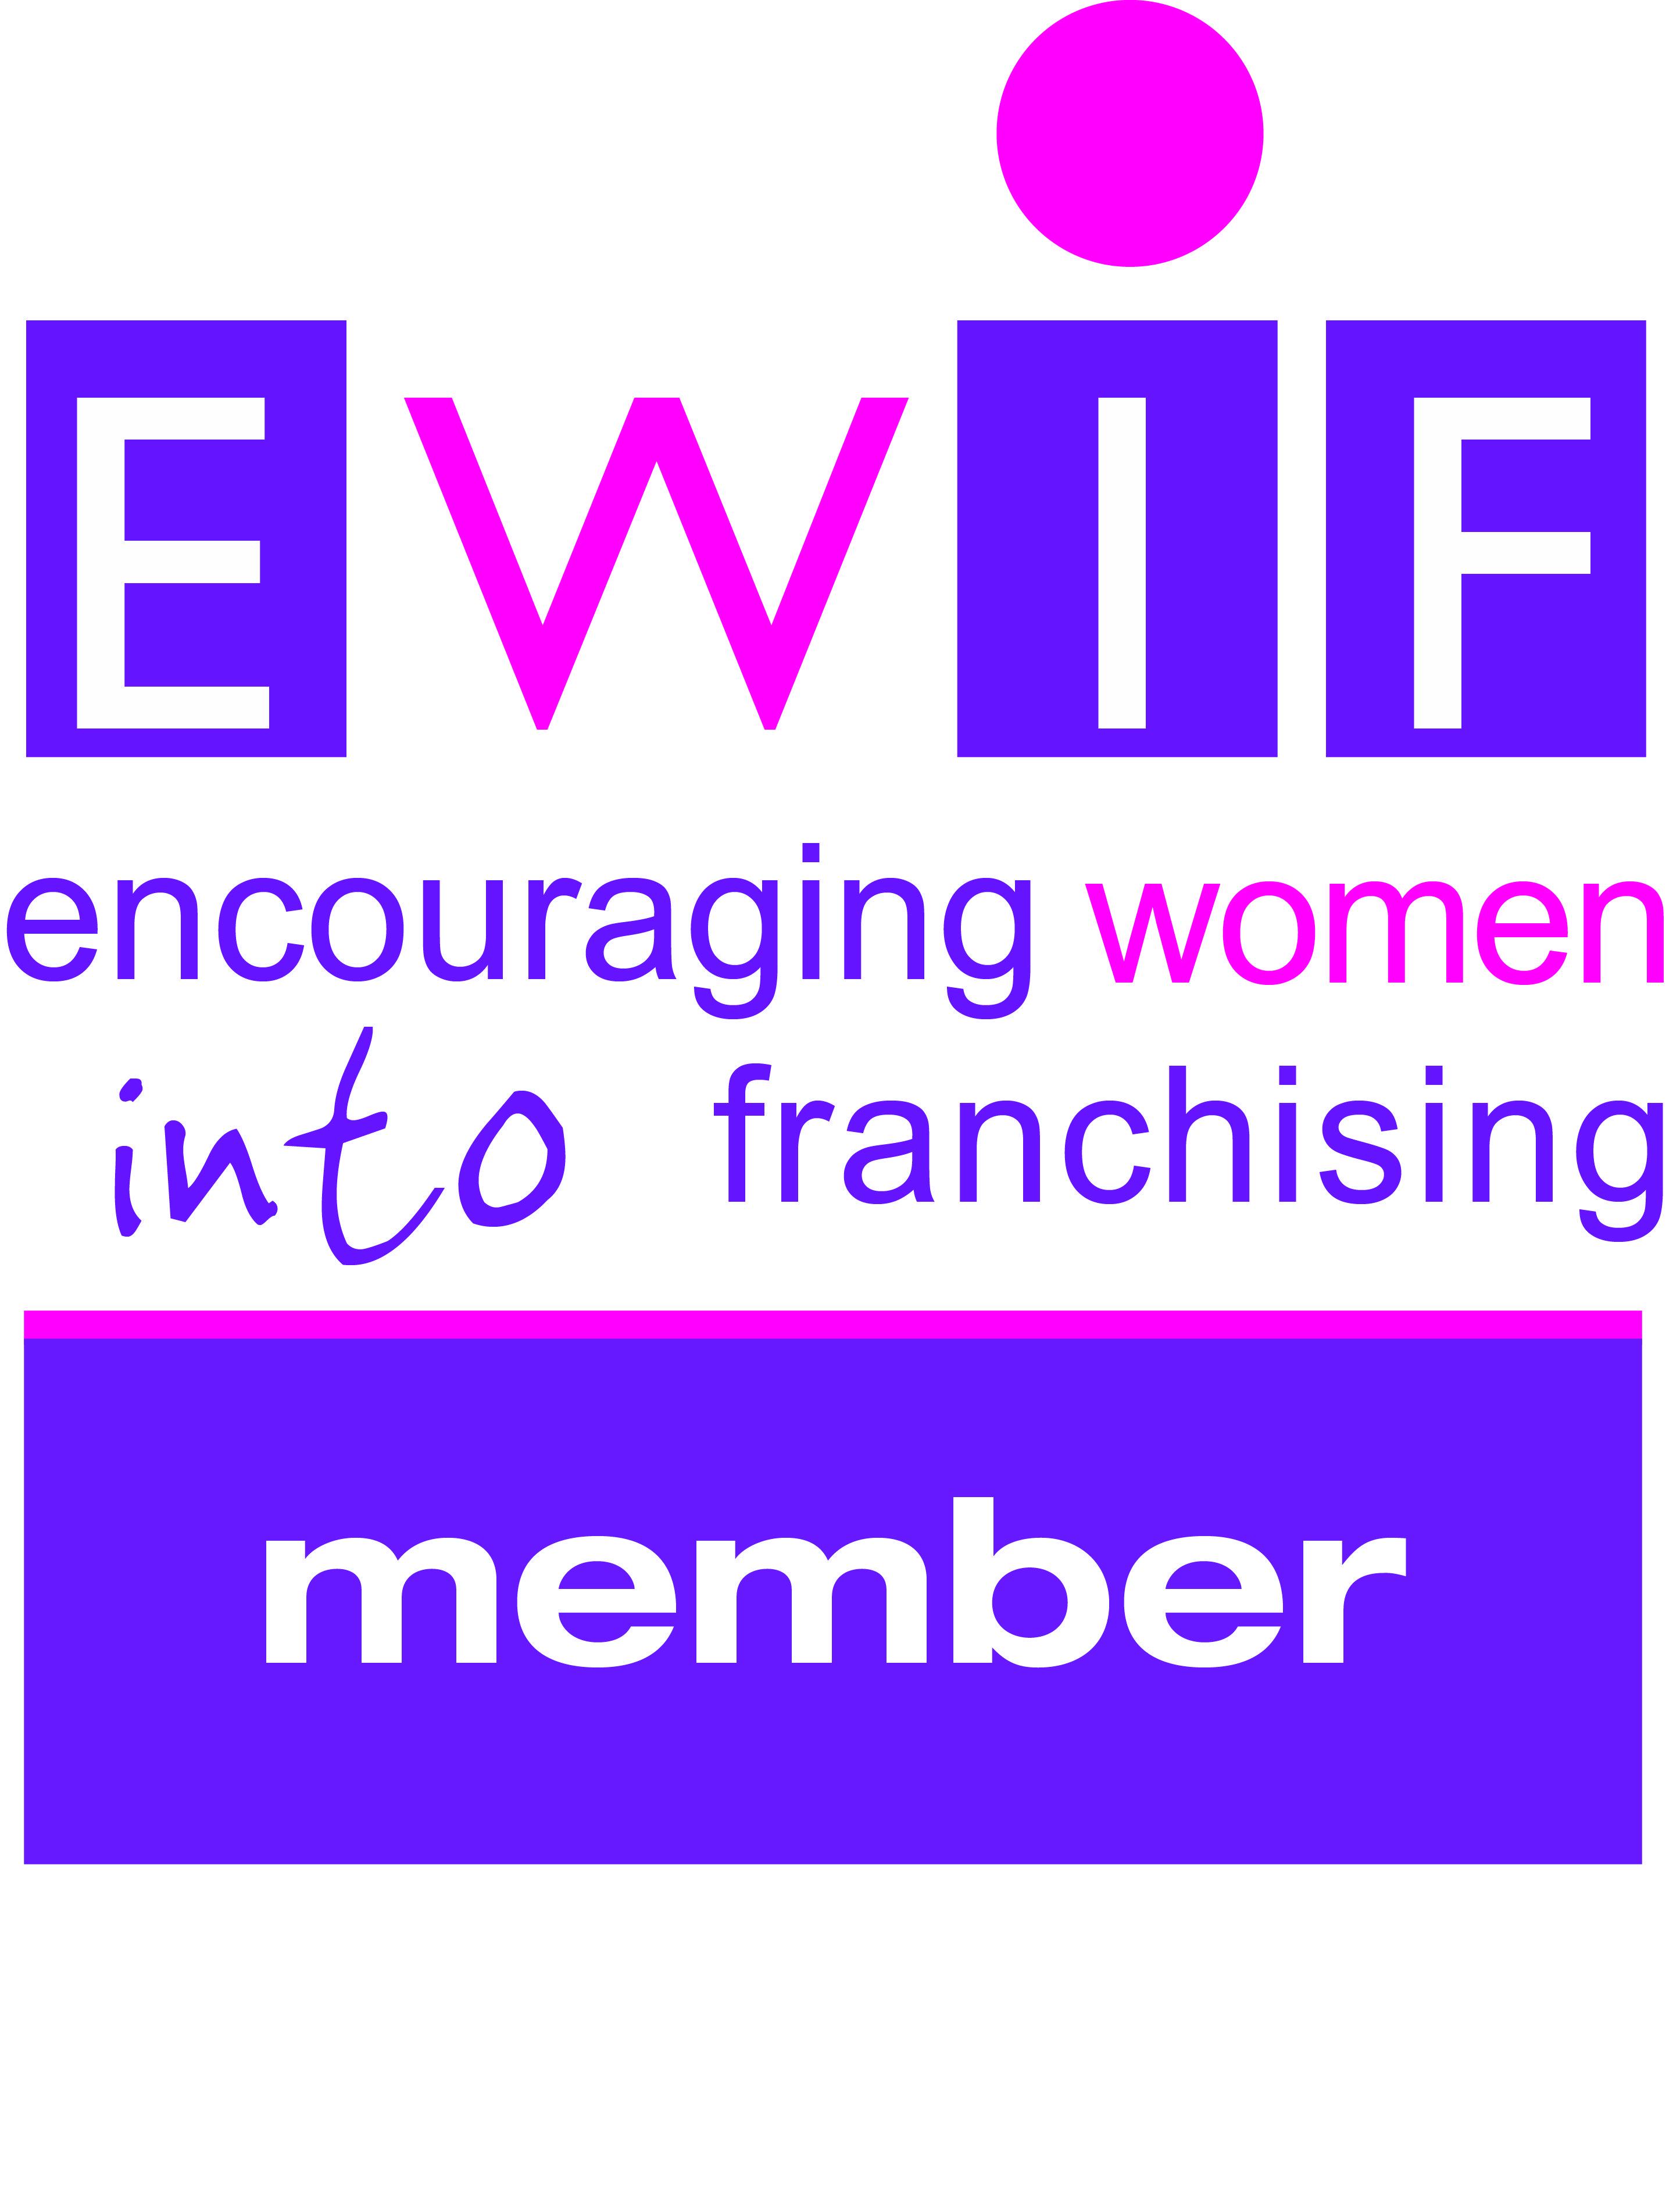 EWIF logo